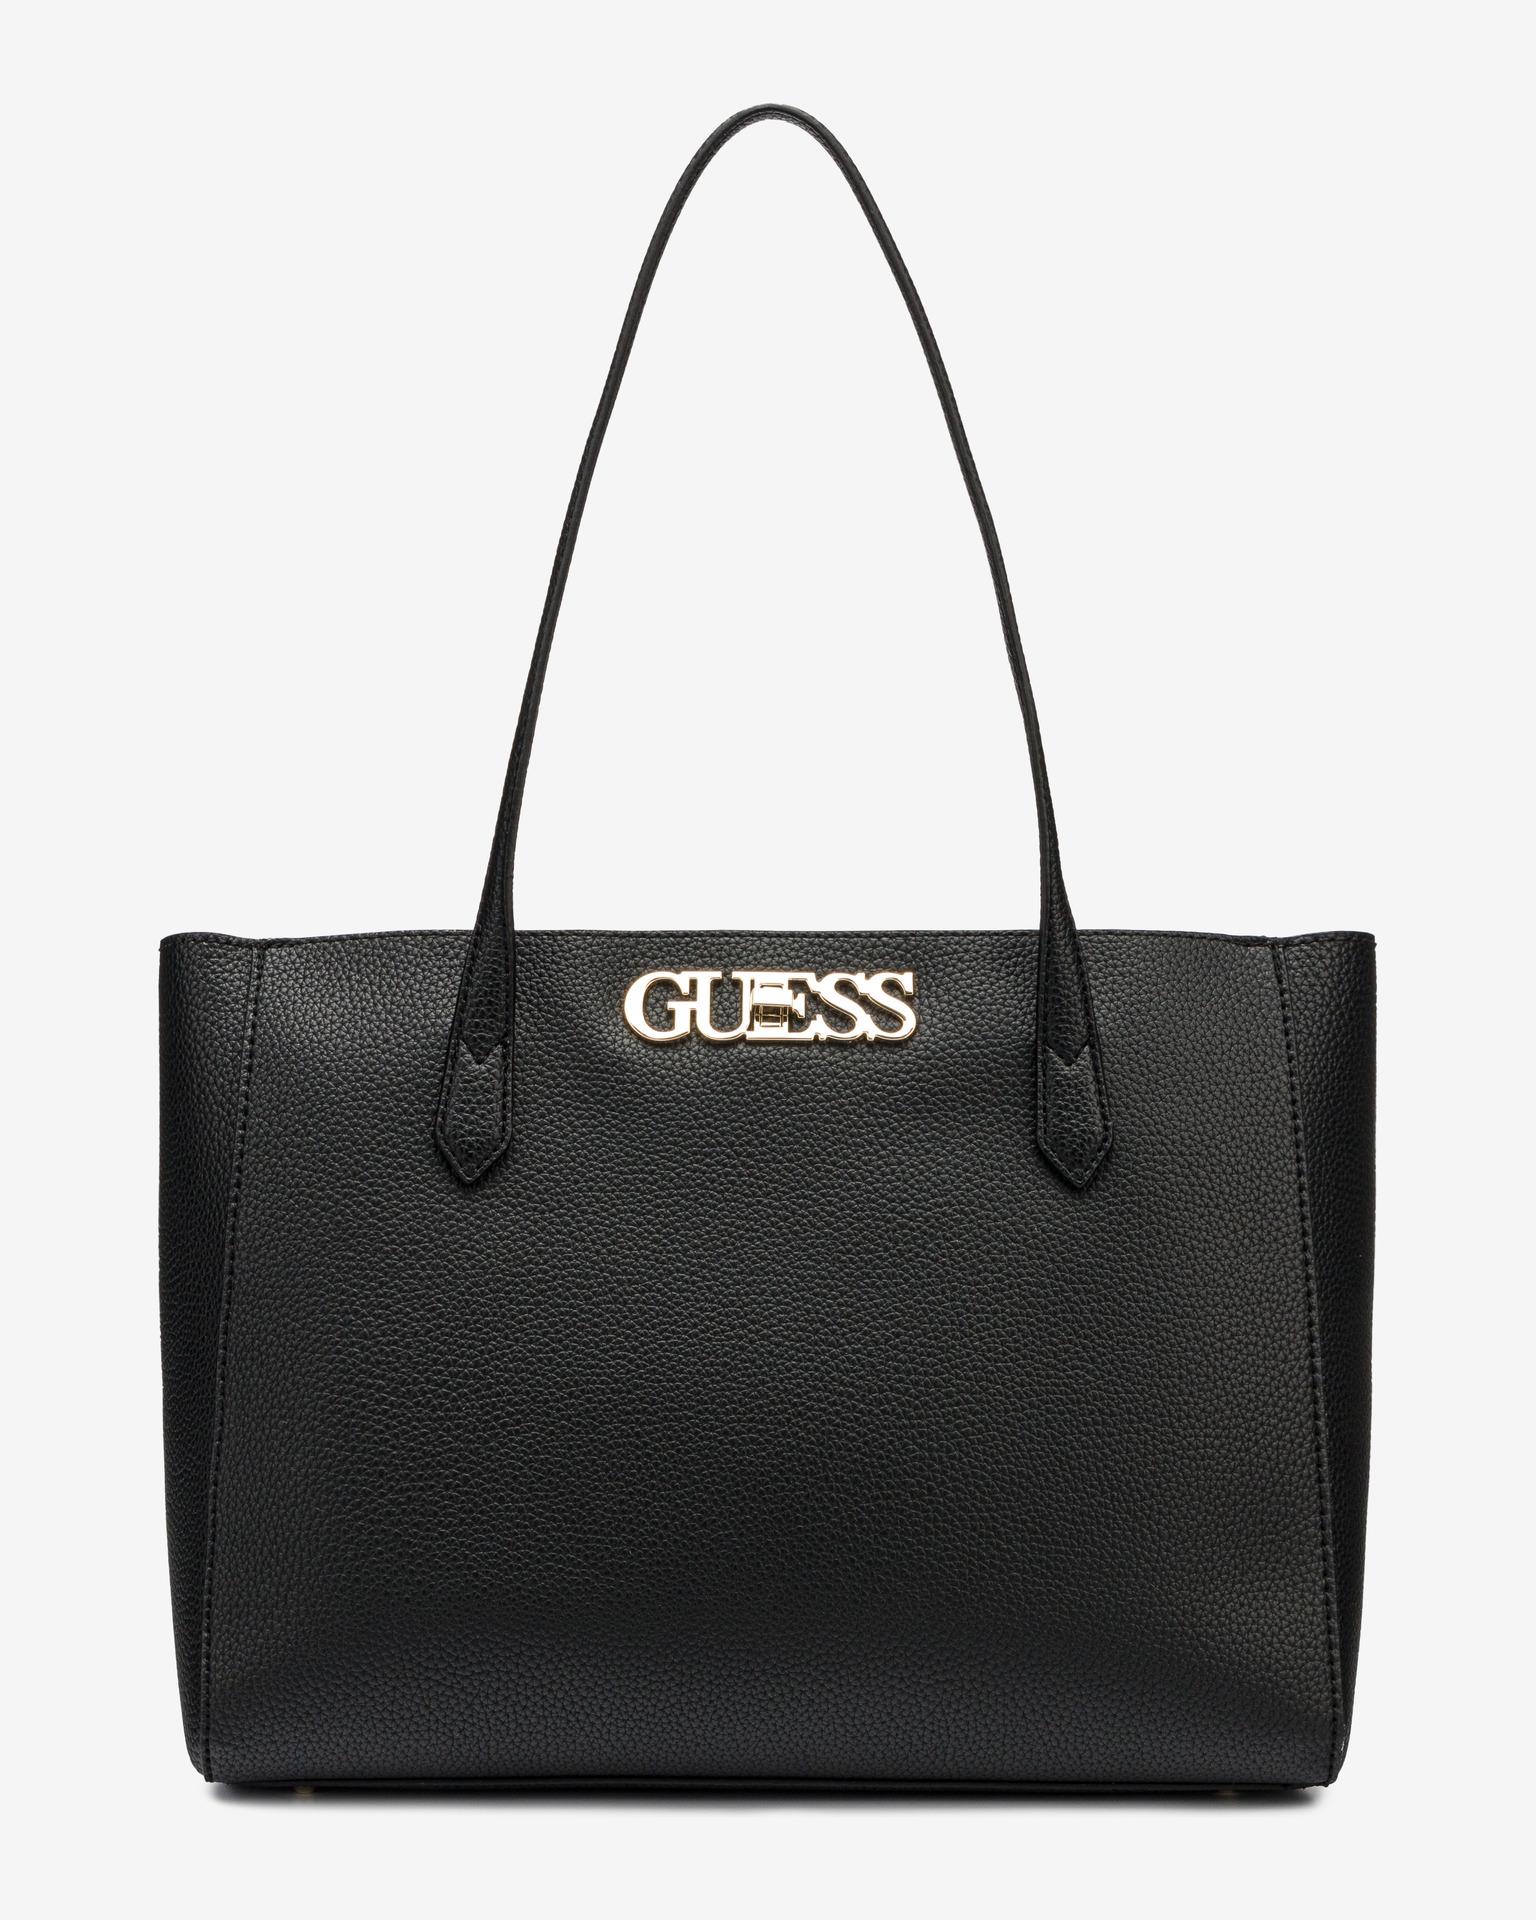 Guess černé kabelka Uptown Chic Elite